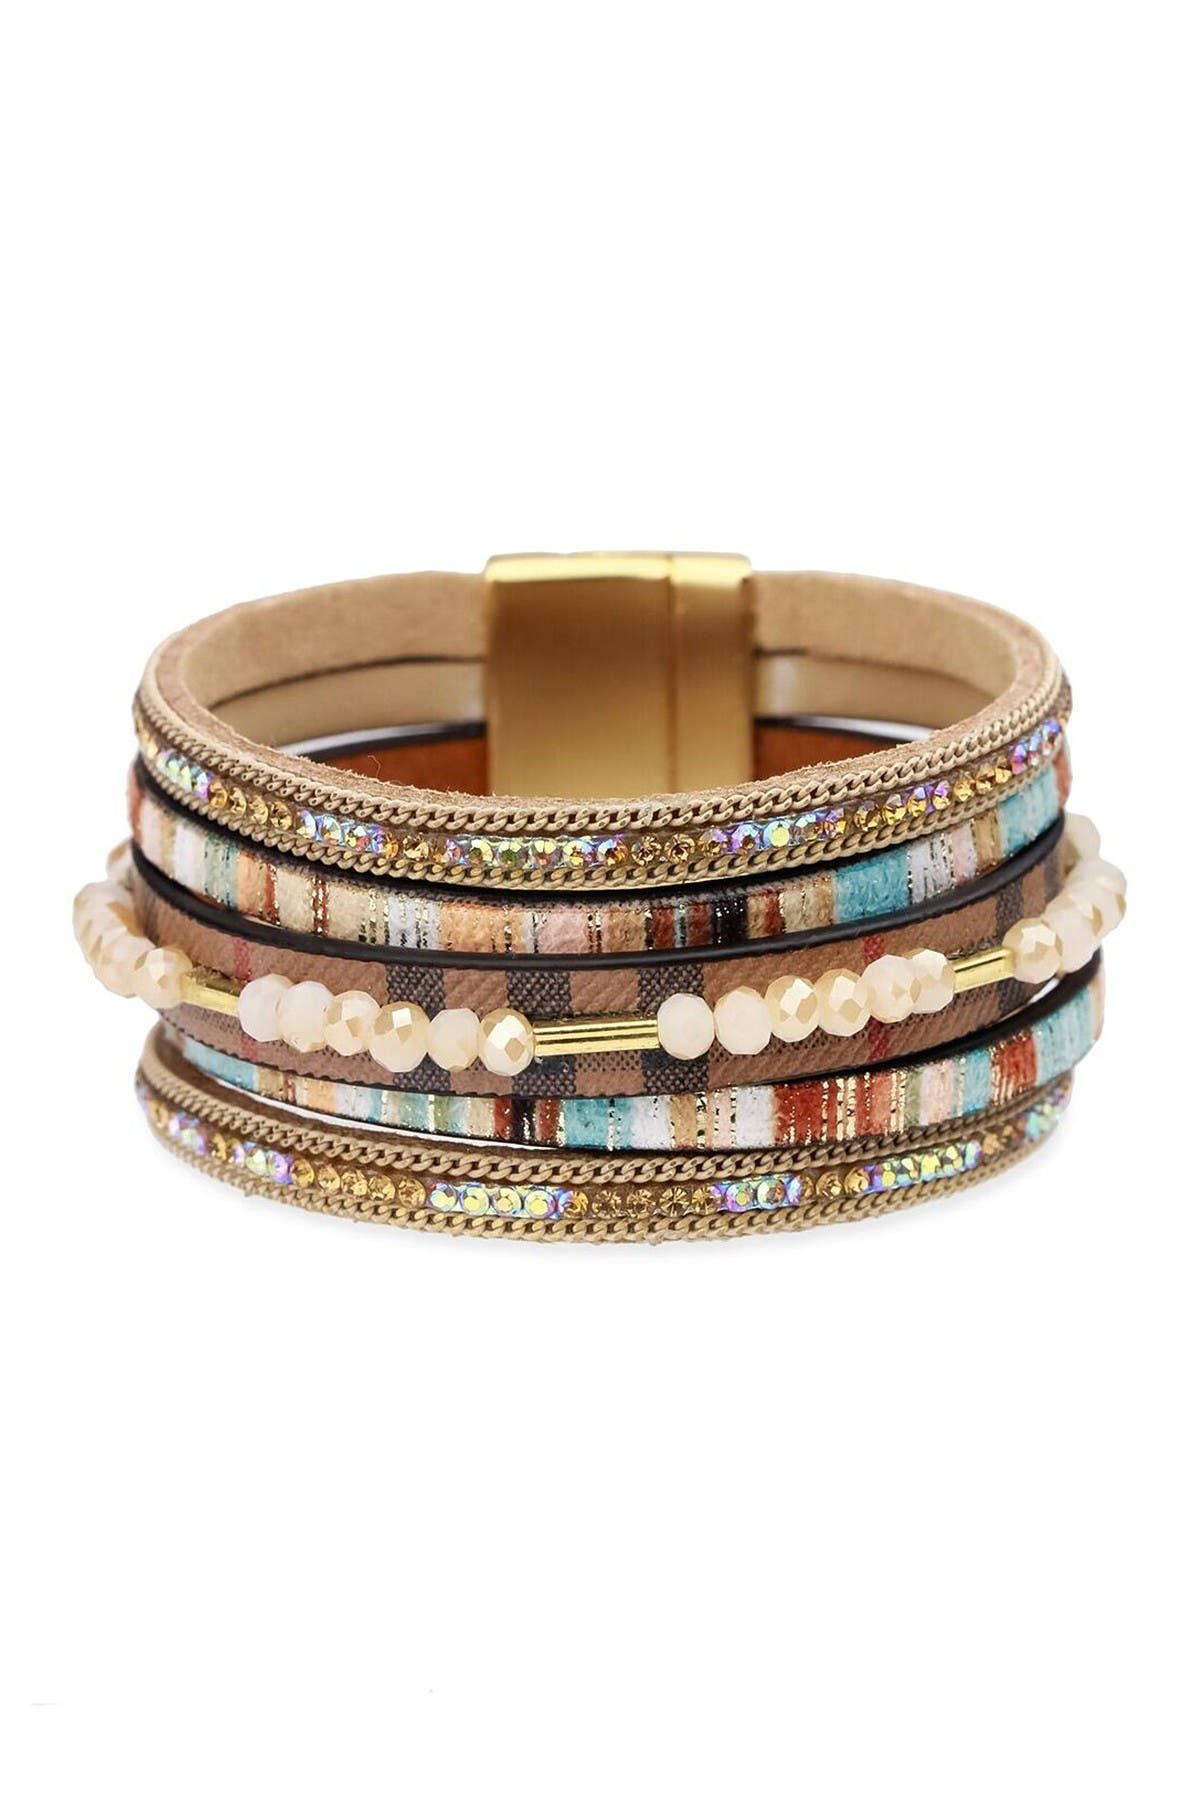 Image of Saachi Beaded Leather Bracelet